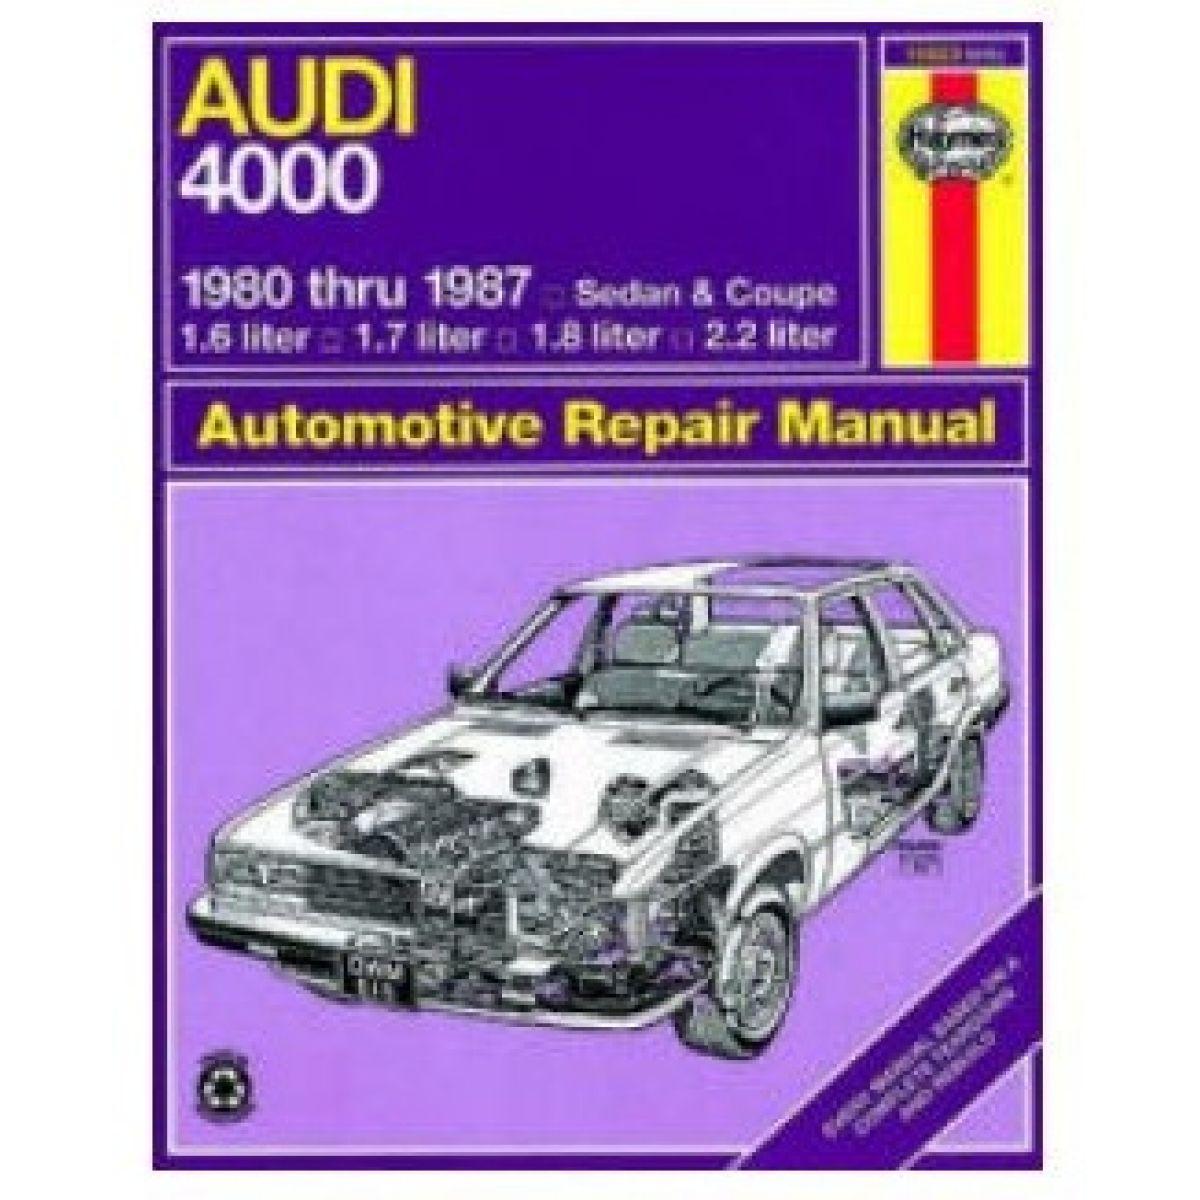 Haynes Repair Manual for Audi 4000 80 81 82 83 84 85 86 87